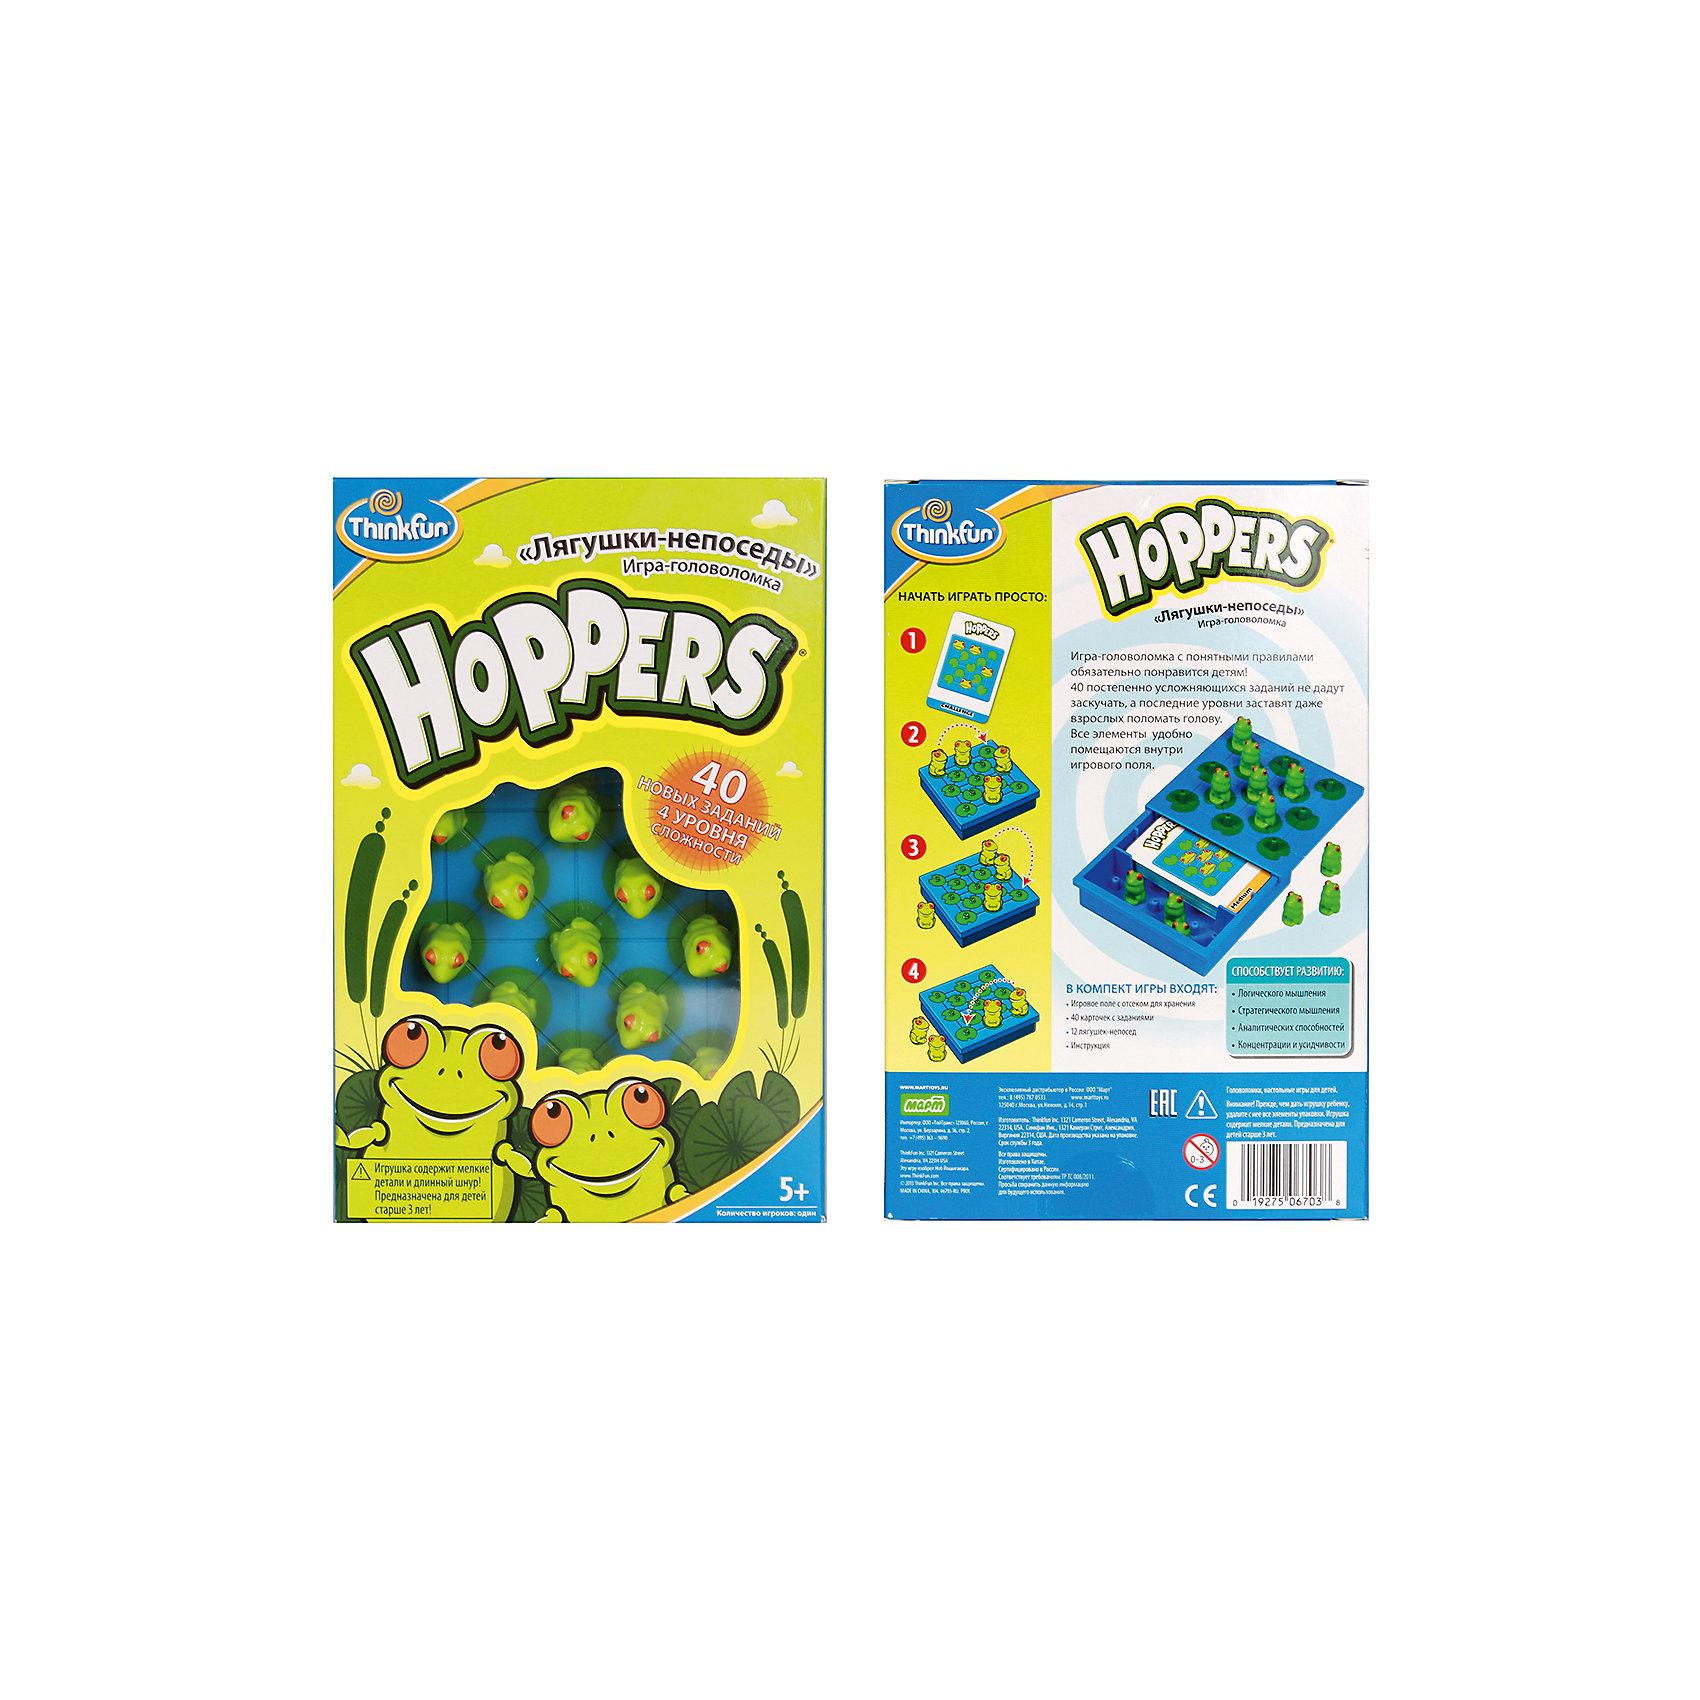 Лягушки-непоседы Hoppers, ThinkfunГоловоломки<br>Лягушки-непоседы Hoppers, Thinkfun (Синкфан) – эта игра-головоломка с понятными правилами обязательно понравится детям!<br>Игра «Лягушки-непоседы» развивает пространственное мышление и логические способности у детей. Будет интересна как детям, так и взрослым. В комплекте 40 карточек с заданиями четырех уровней сложности: «Начинающий», «Продвинутый», «Опытный» и «Эксперт». На каждый уровень сложности приходится 10 карточек. На обратных сторонах карточек приведены решения соответствующих заданий. Выберите карточку с заданием и расположите лягушек в соответствии со схемой, представленной на карточке. Игрок может перемещать по игровому полю любую лягушку, при этом она обязана перепрыгнуть через соседнюю лягушку. Лягушка, через которую перепрыгнули, убирается с игрового поля. Перепрыгивать через красную лягушку запрещено. Задание будет выполнено, когда на игровом поле останется одна красная лягушка. Постепенно усложняющиеся задания не дадут ребенку заскучать, а последние уровни заставят даже взрослых поломать голову. Карточки с заданиями и фигурки лягушек удобно убираются в игровое поле. Игра очень компактная и отлично подойдёт для того, чтобы скоротать время в дороге.<br><br>Дополнительная информация:<br><br>- В комплекте: игровое поле с отсеком для хранения, 40 карточек с заданиями, 12 лягушек-непосед (11 зеленых и 1 красная), инструкция<br>- Материал: пластик<br>- Количество игроков: 1<br>- Продолжительность игры: от 15 до 20 минут<br>- Размер упаковки: 203x135x64 мм.<br>- Вес: 238 гр.<br><br>Игру Лягушки-непоседы Hoppers, Thinkfun (Синкфан) можно купить в нашем интернет-магазине.<br><br>Ширина мм: 200<br>Глубина мм: 65<br>Высота мм: 135<br>Вес г: 200<br>Возраст от месяцев: 60<br>Возраст до месяцев: 144<br>Пол: Унисекс<br>Возраст: Детский<br>SKU: 4402175